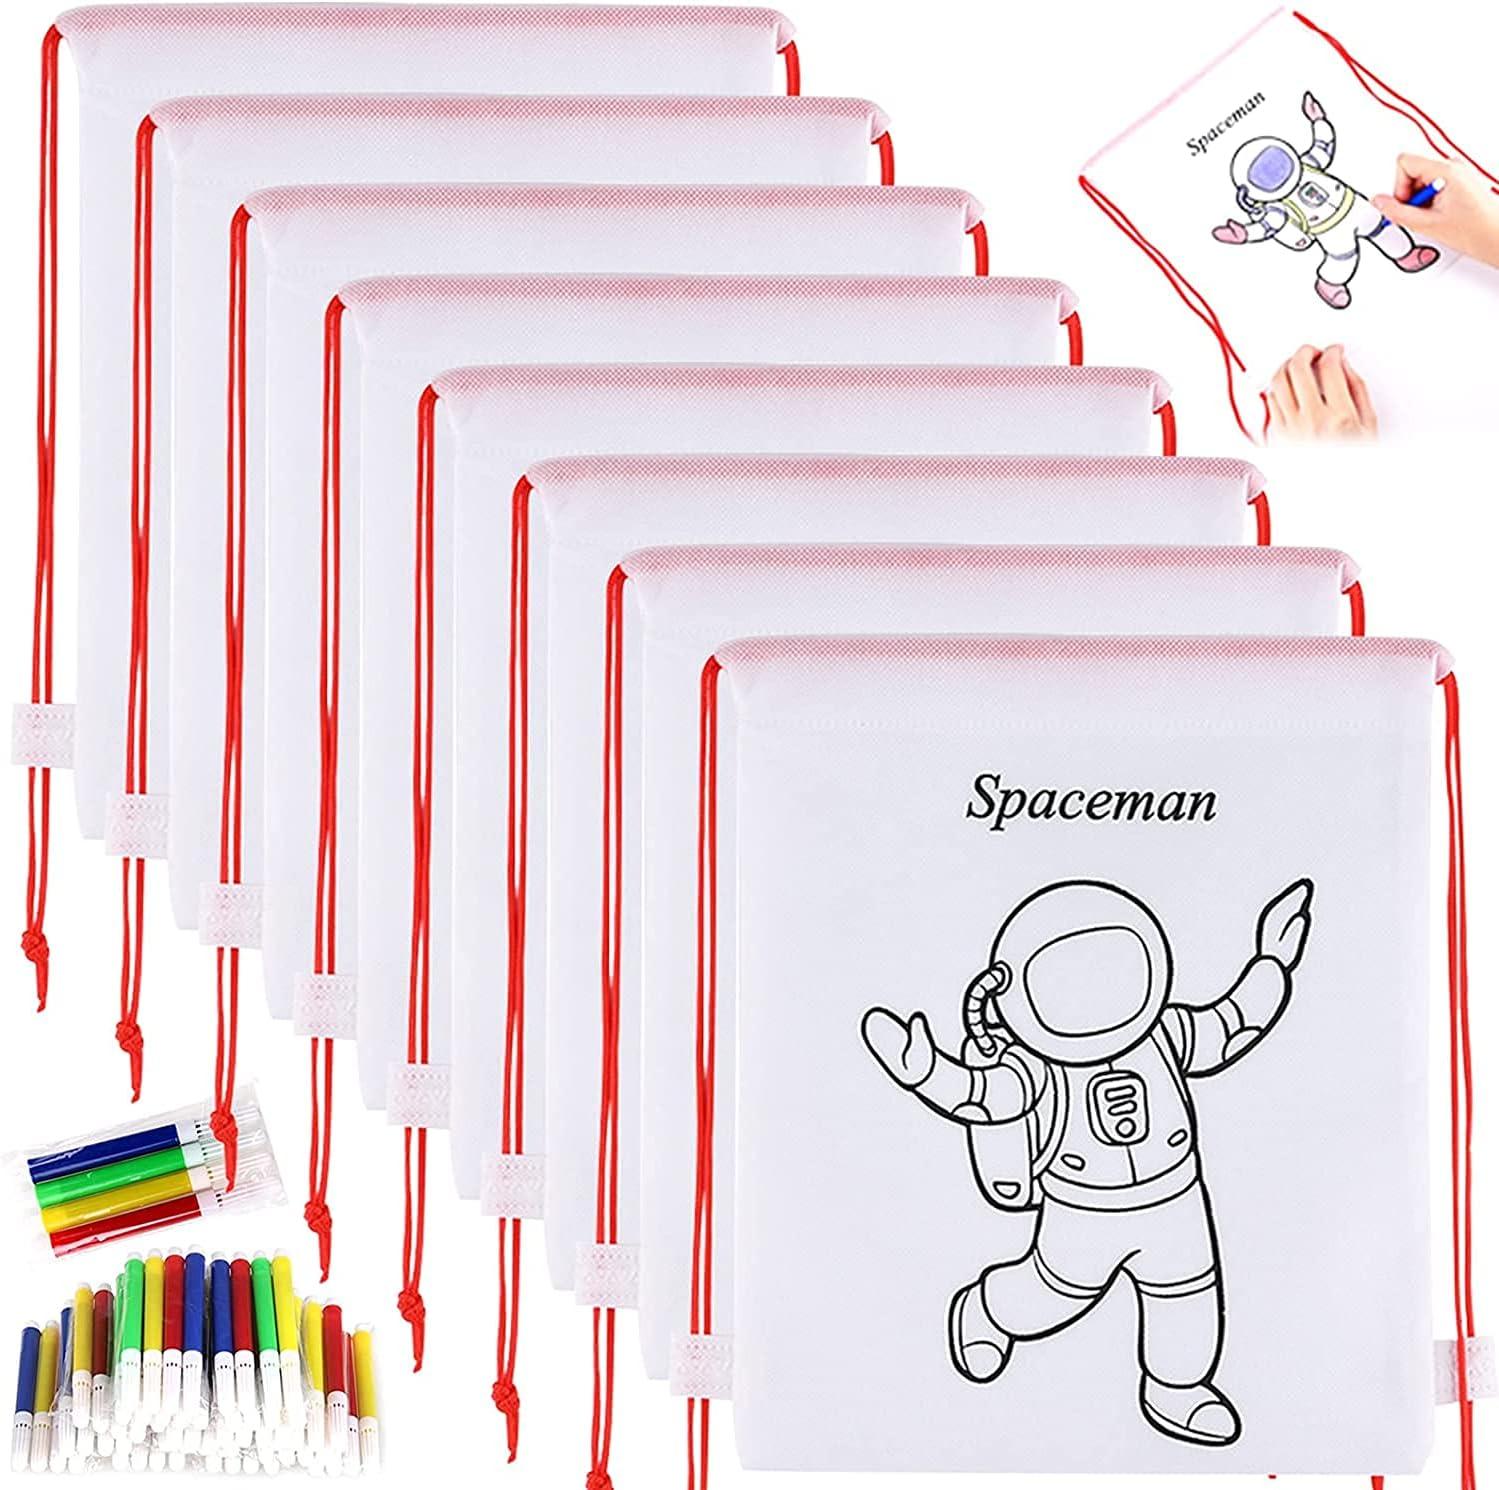 GOLDGE 16 Mochilas para Colorear+ 16 Lápices de Color Lavables, 16 Piezas Kit de Mochilas para Colorear y Rotuladores de Colores, para Rotuladores de Regalo niños Fiestas y cumpleaños